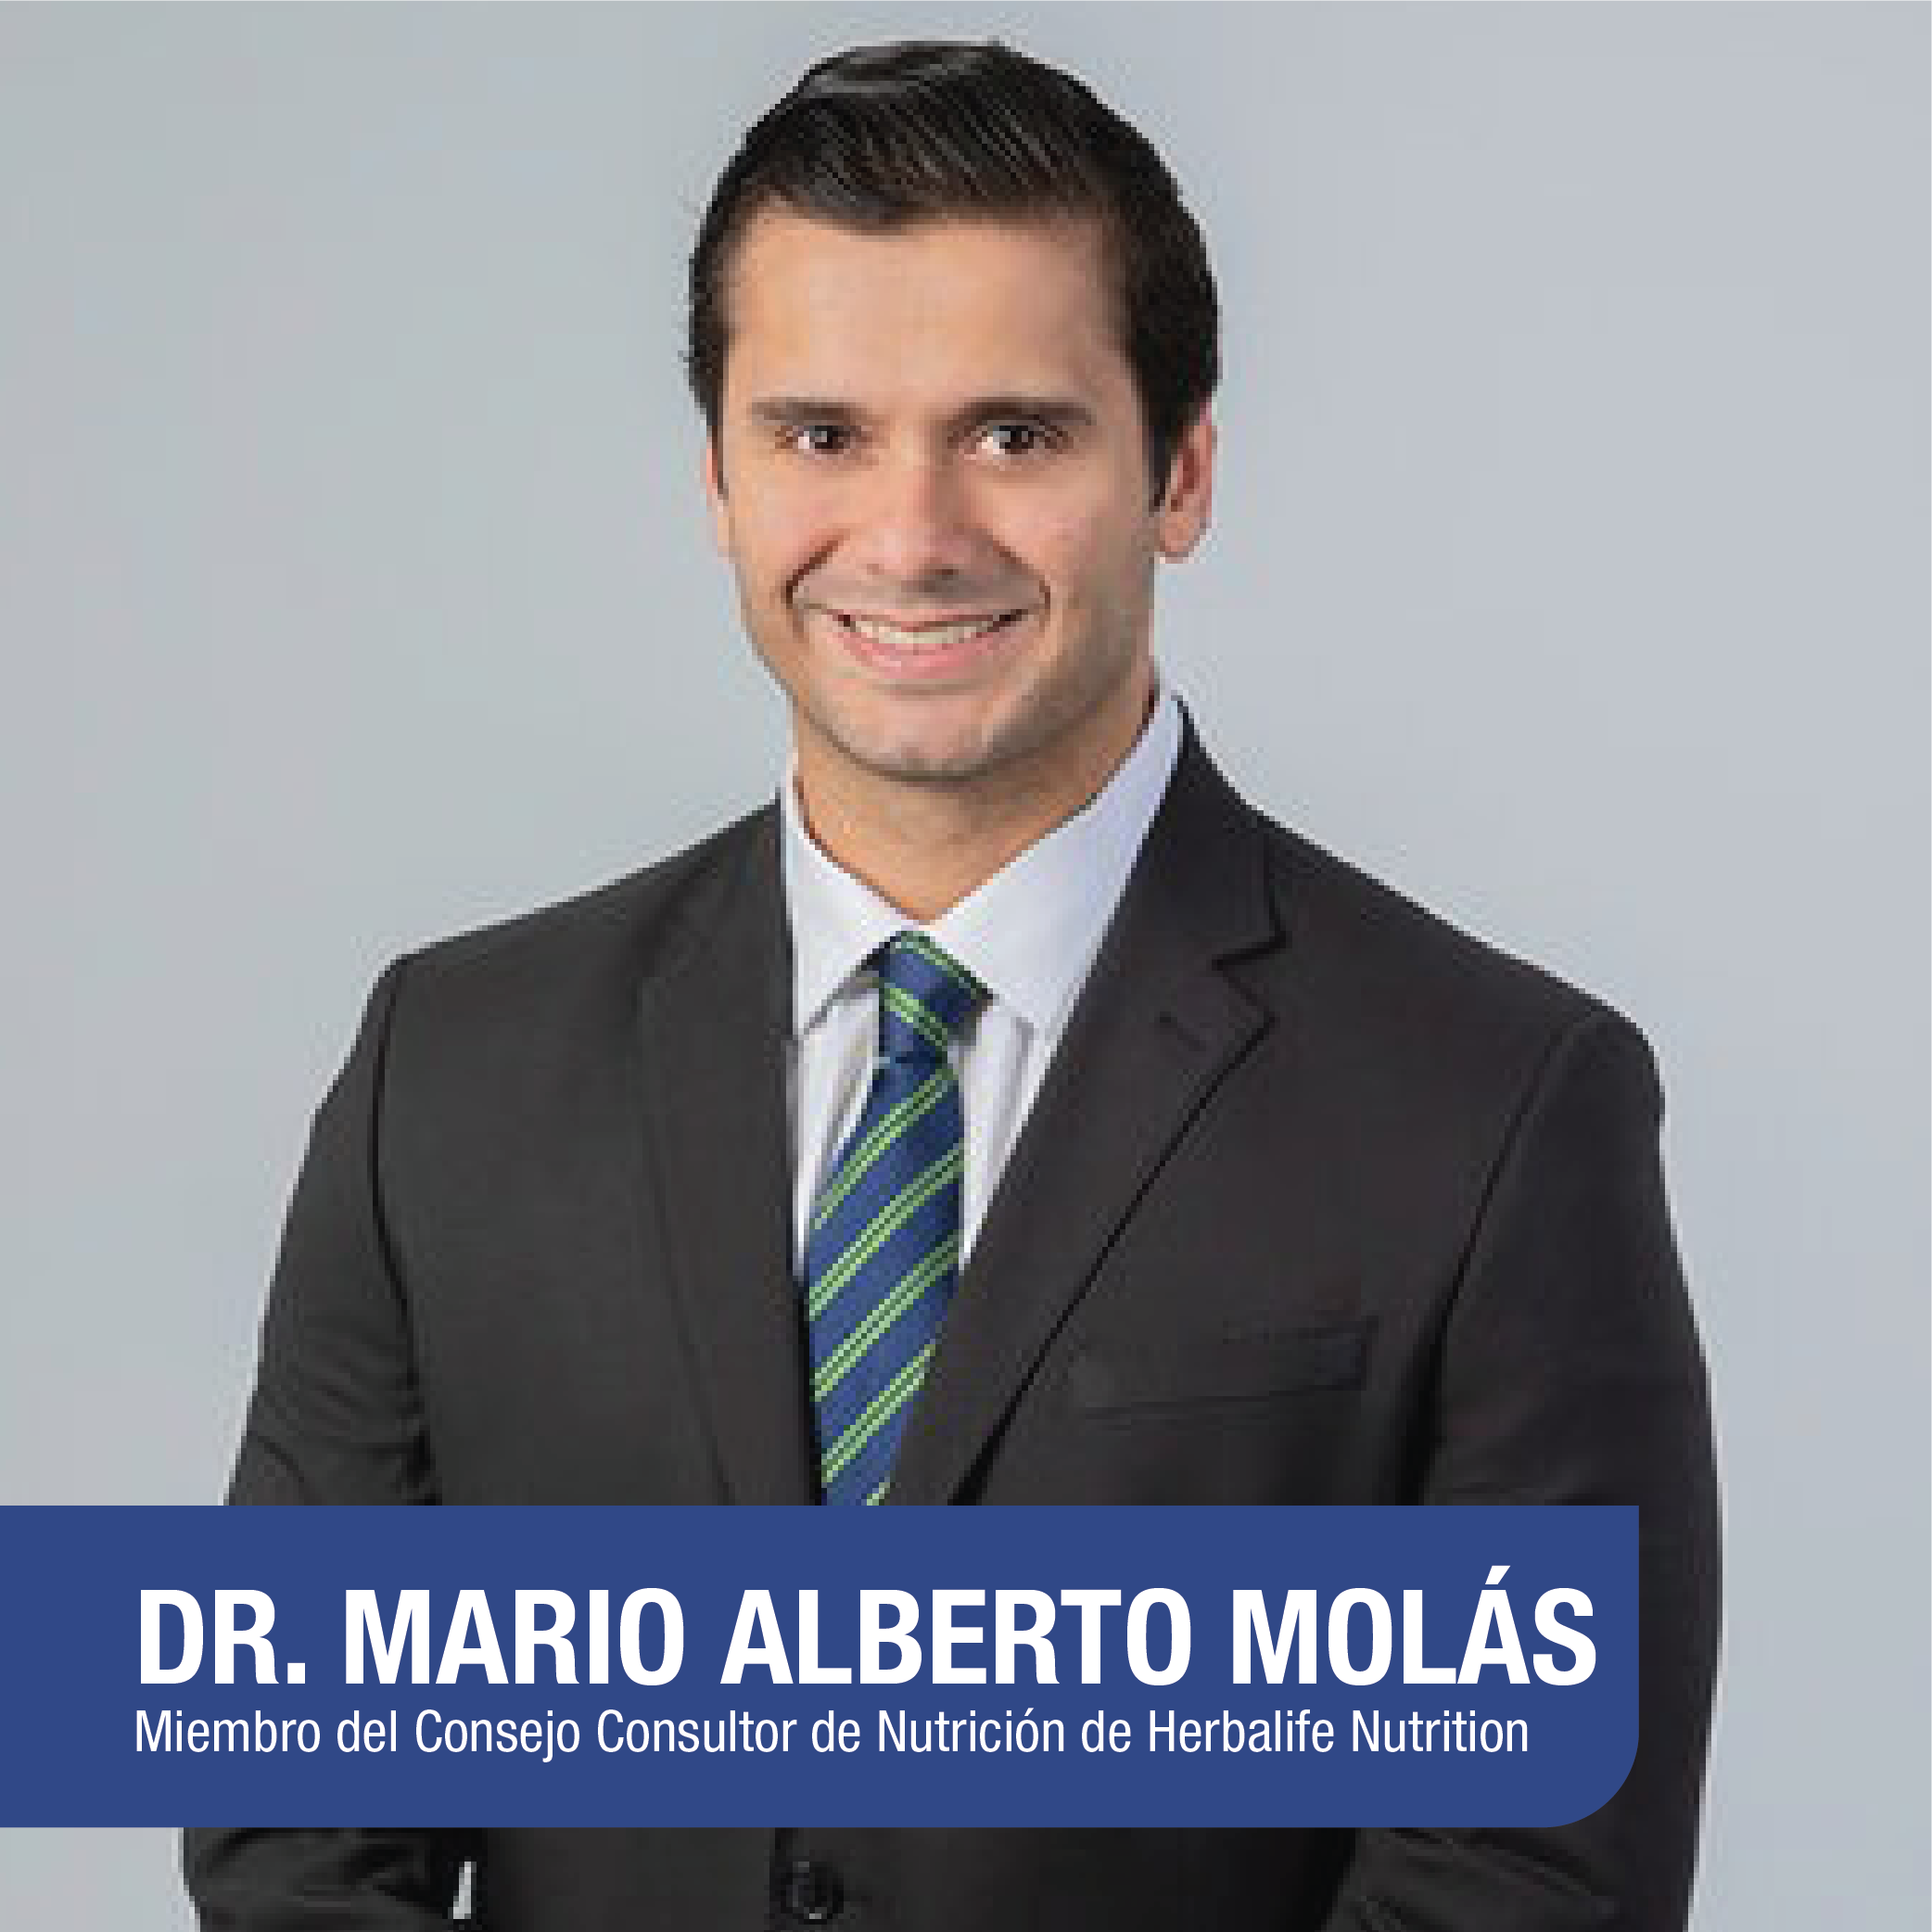 Dr. Alberto Molás